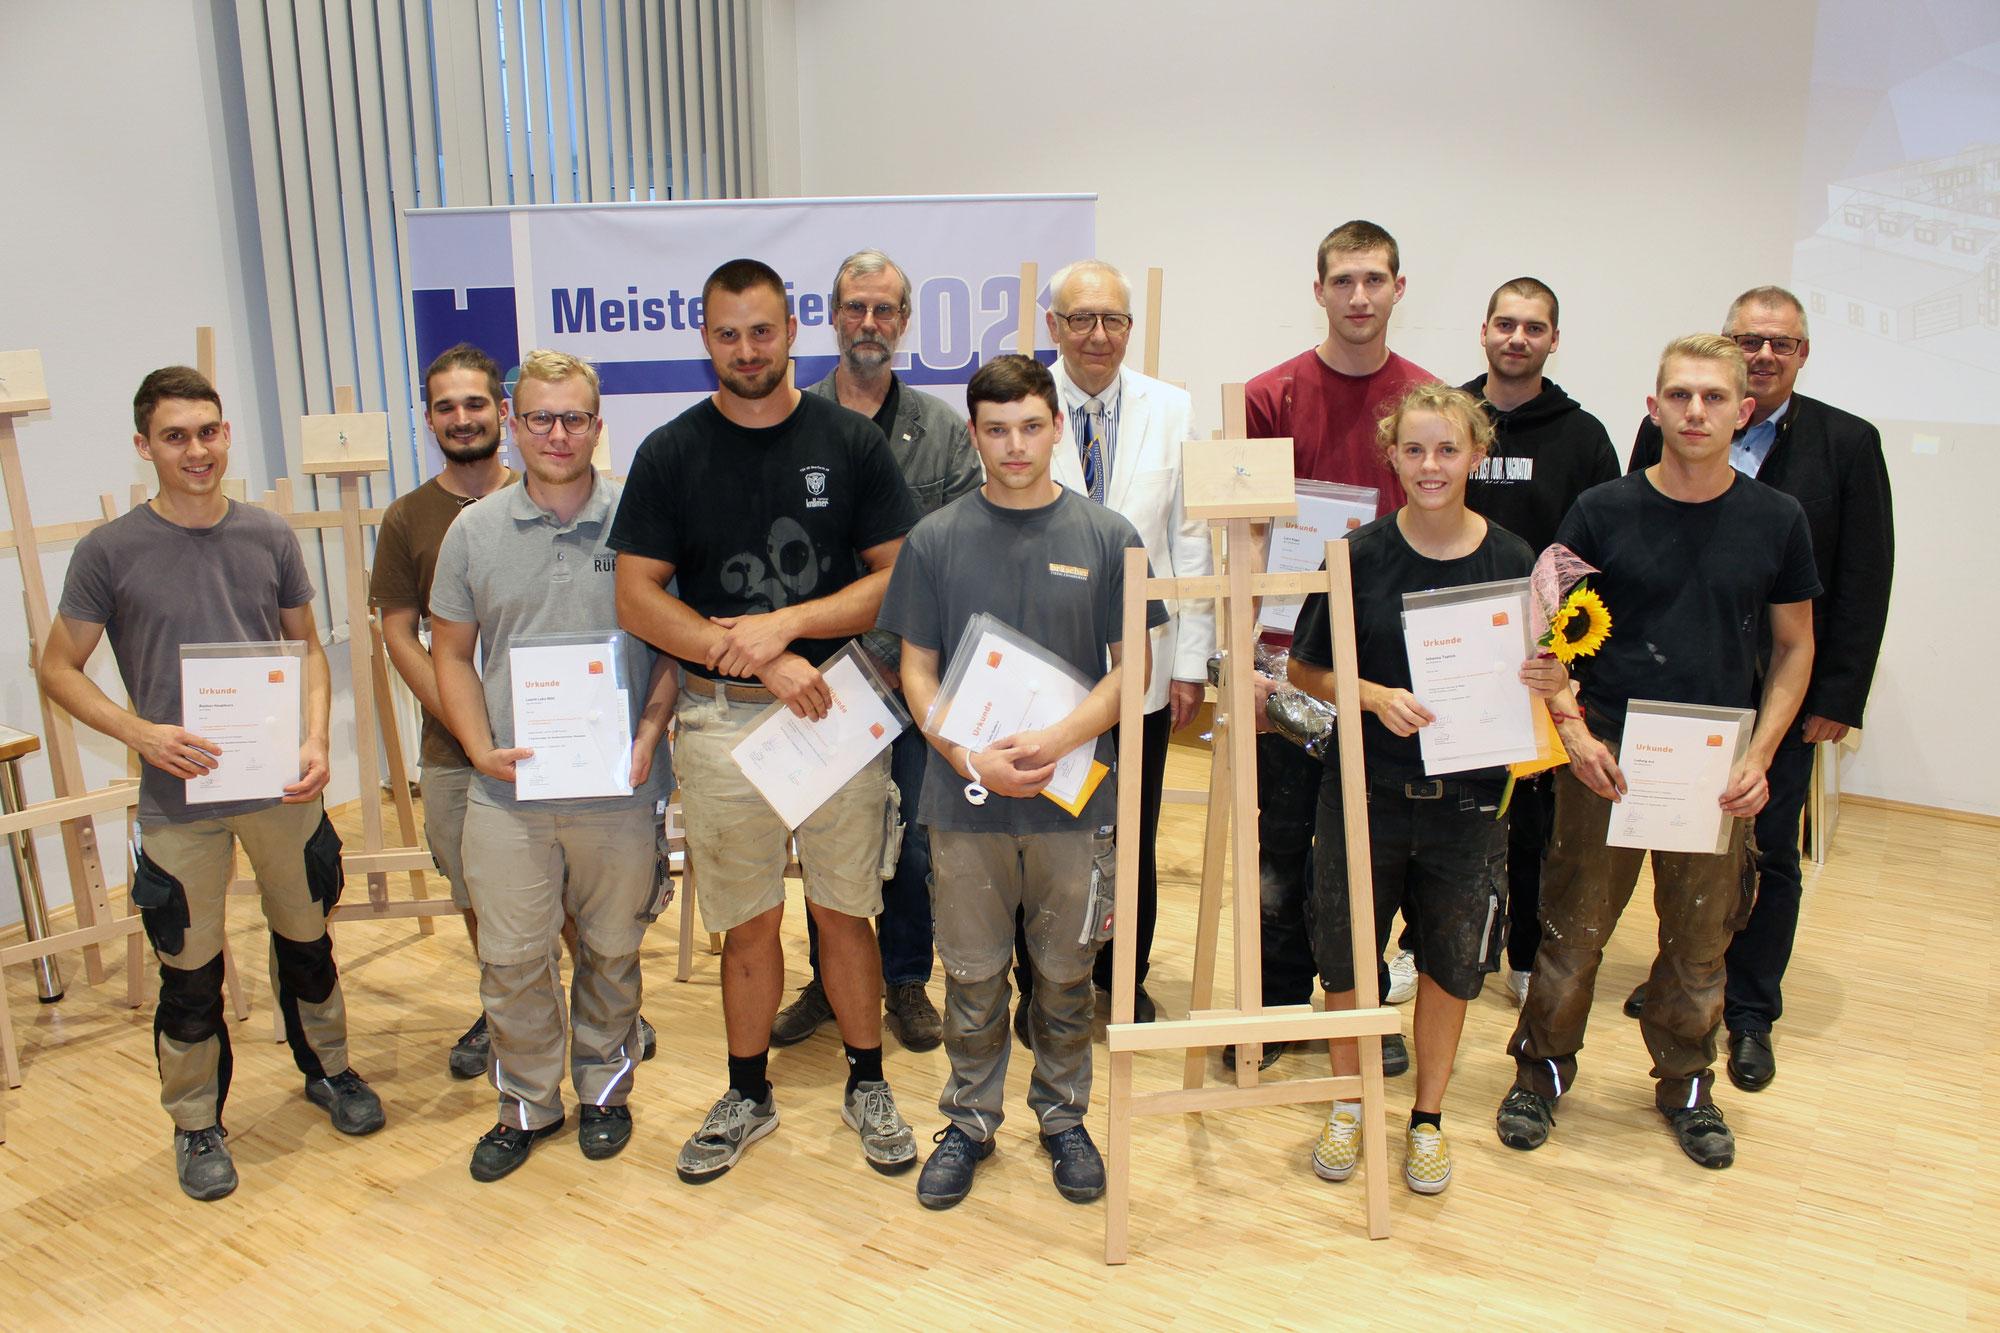 Topleistungen bei den Hessischen Meisterschaften im Tischlerhandwerk an der Bad Wildunger Holzfachschule